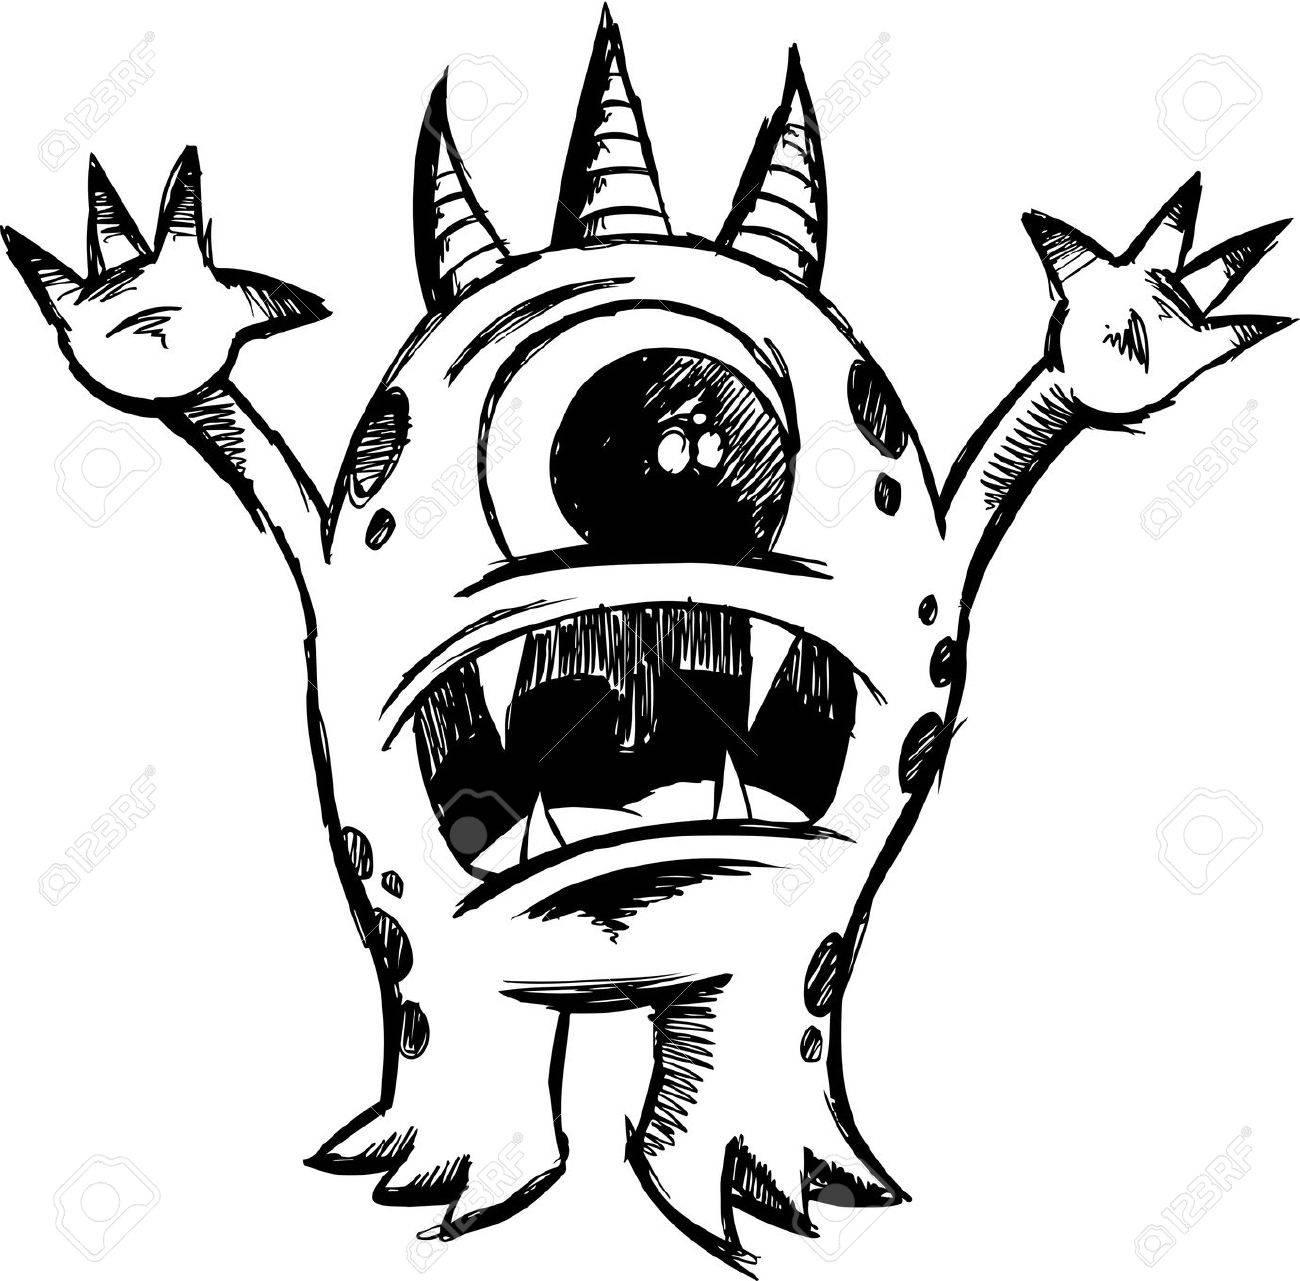 Sketchy Monster Devil Illustration - 6767026